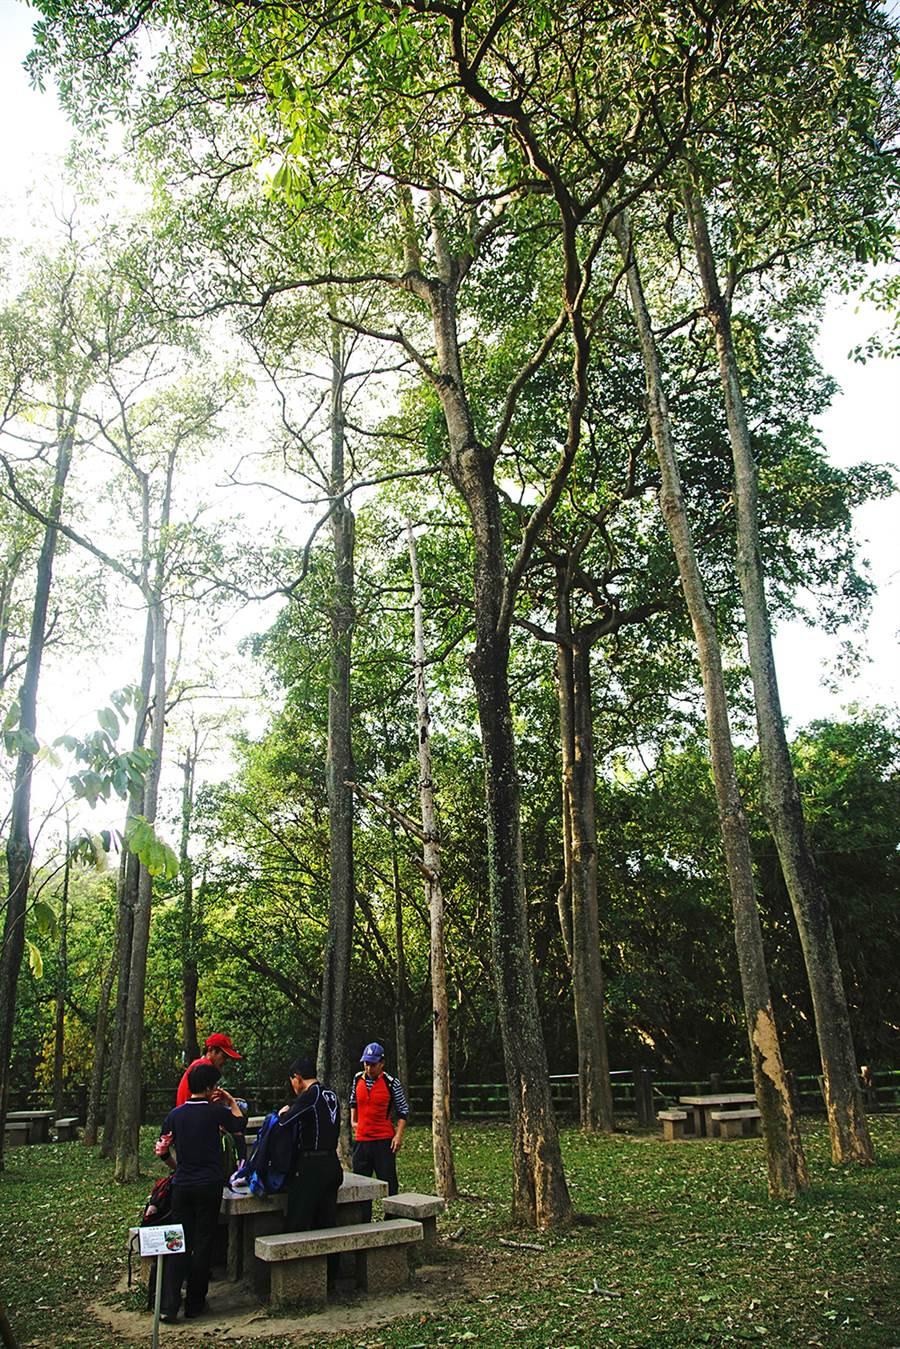 環保公園環境清幽,令人心曠神怡。(攝影/曾信耀)